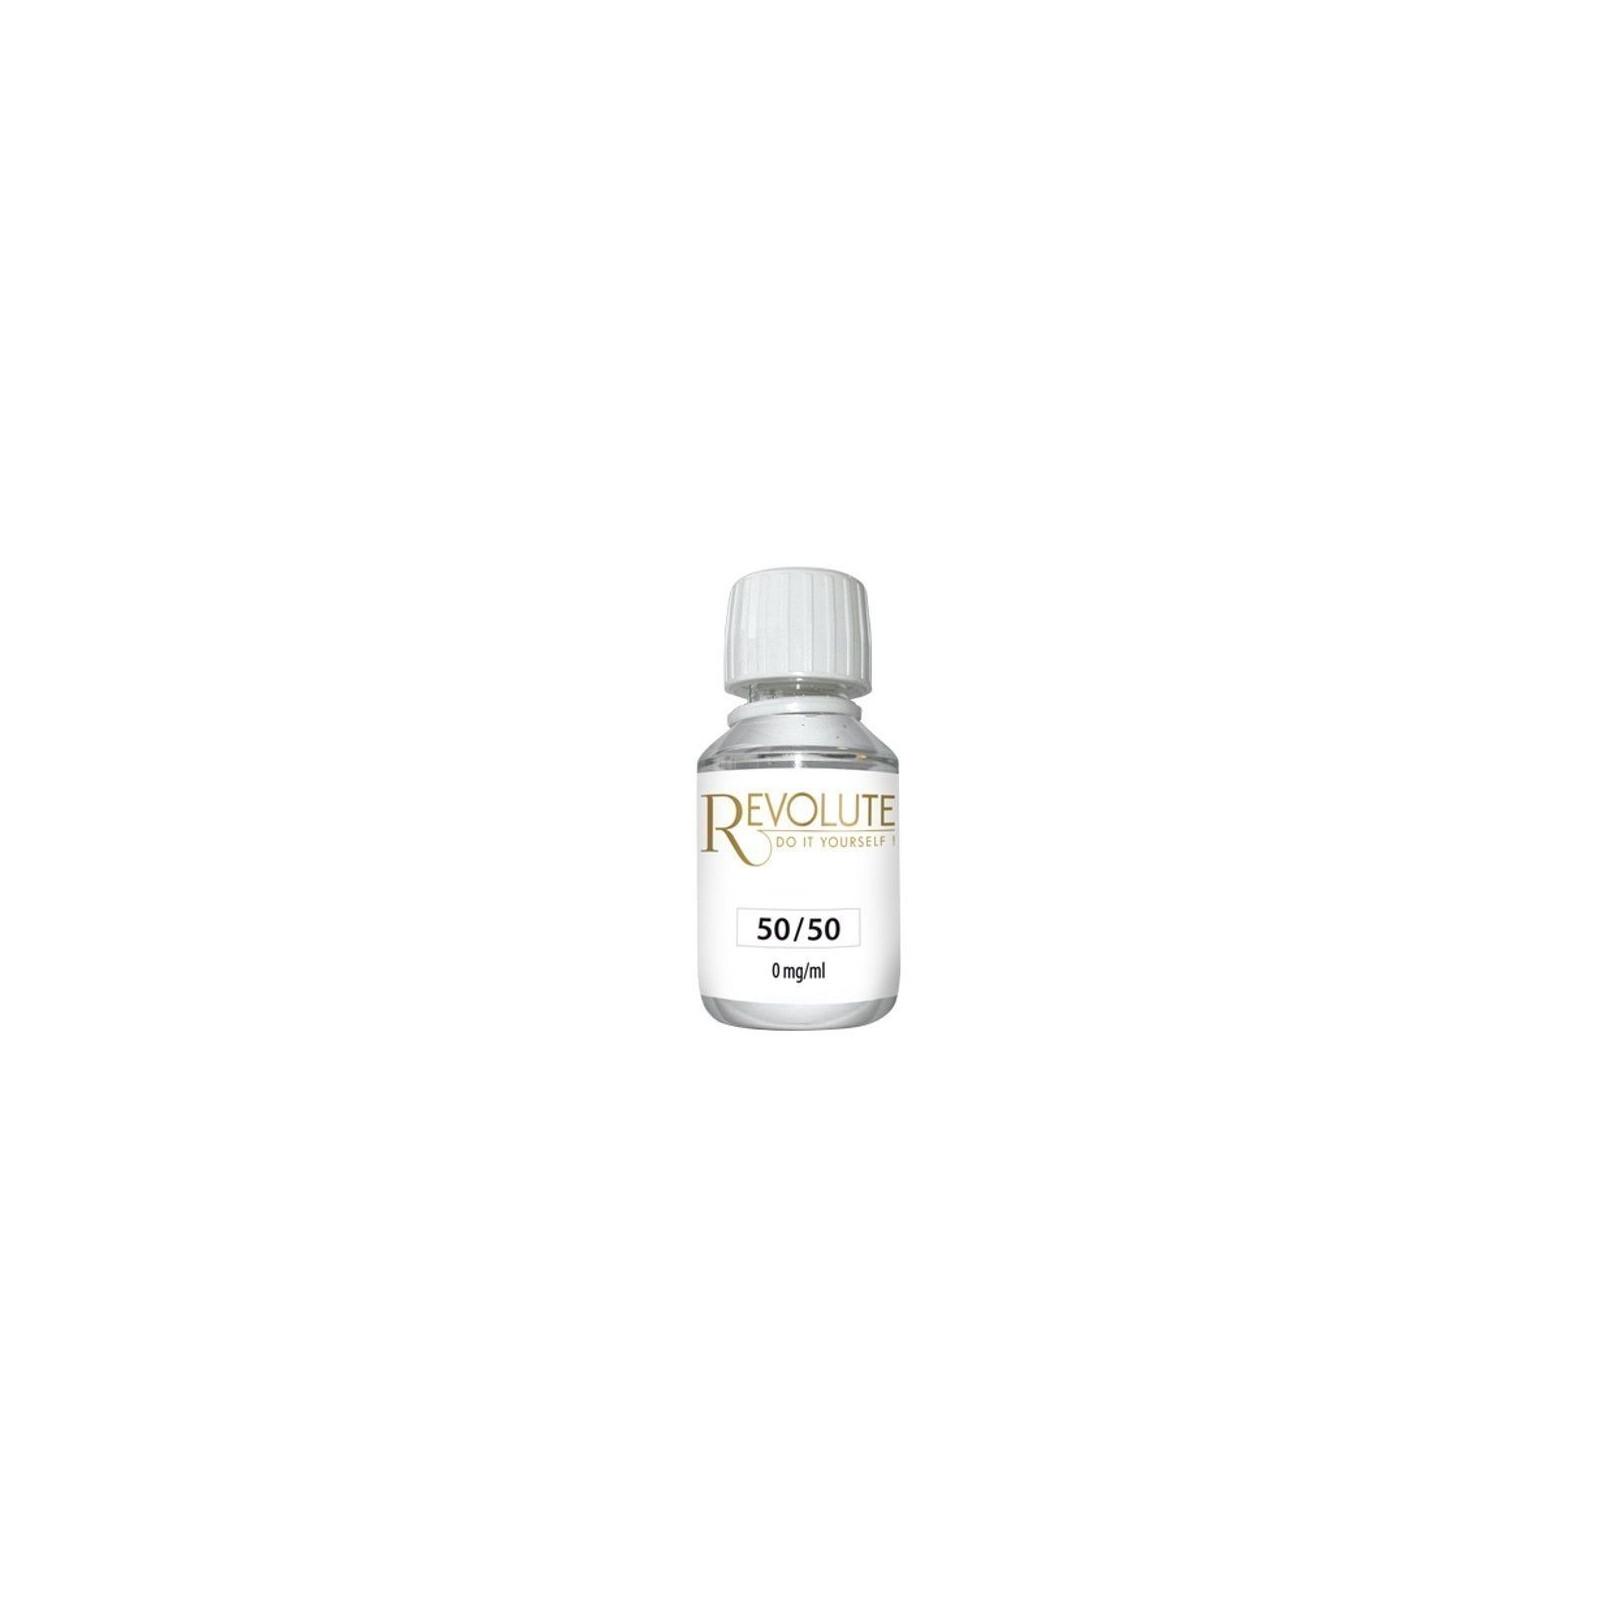 Base 50/50 275ml Revolute